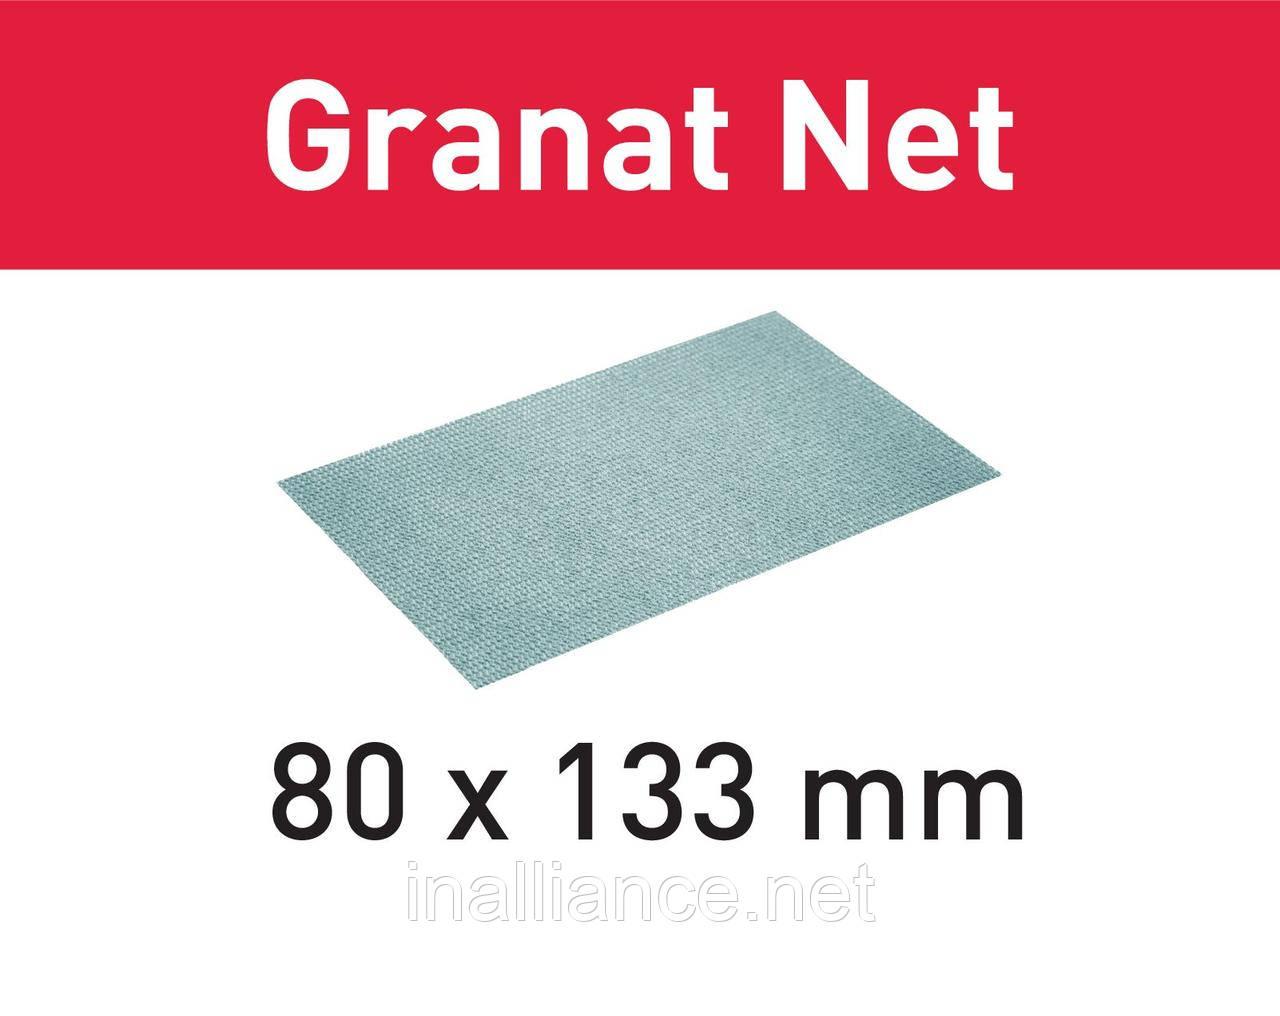 Шлифовальный материал на сетчатой основе STF 80x133 P400 GR NET/50 Festool 203293